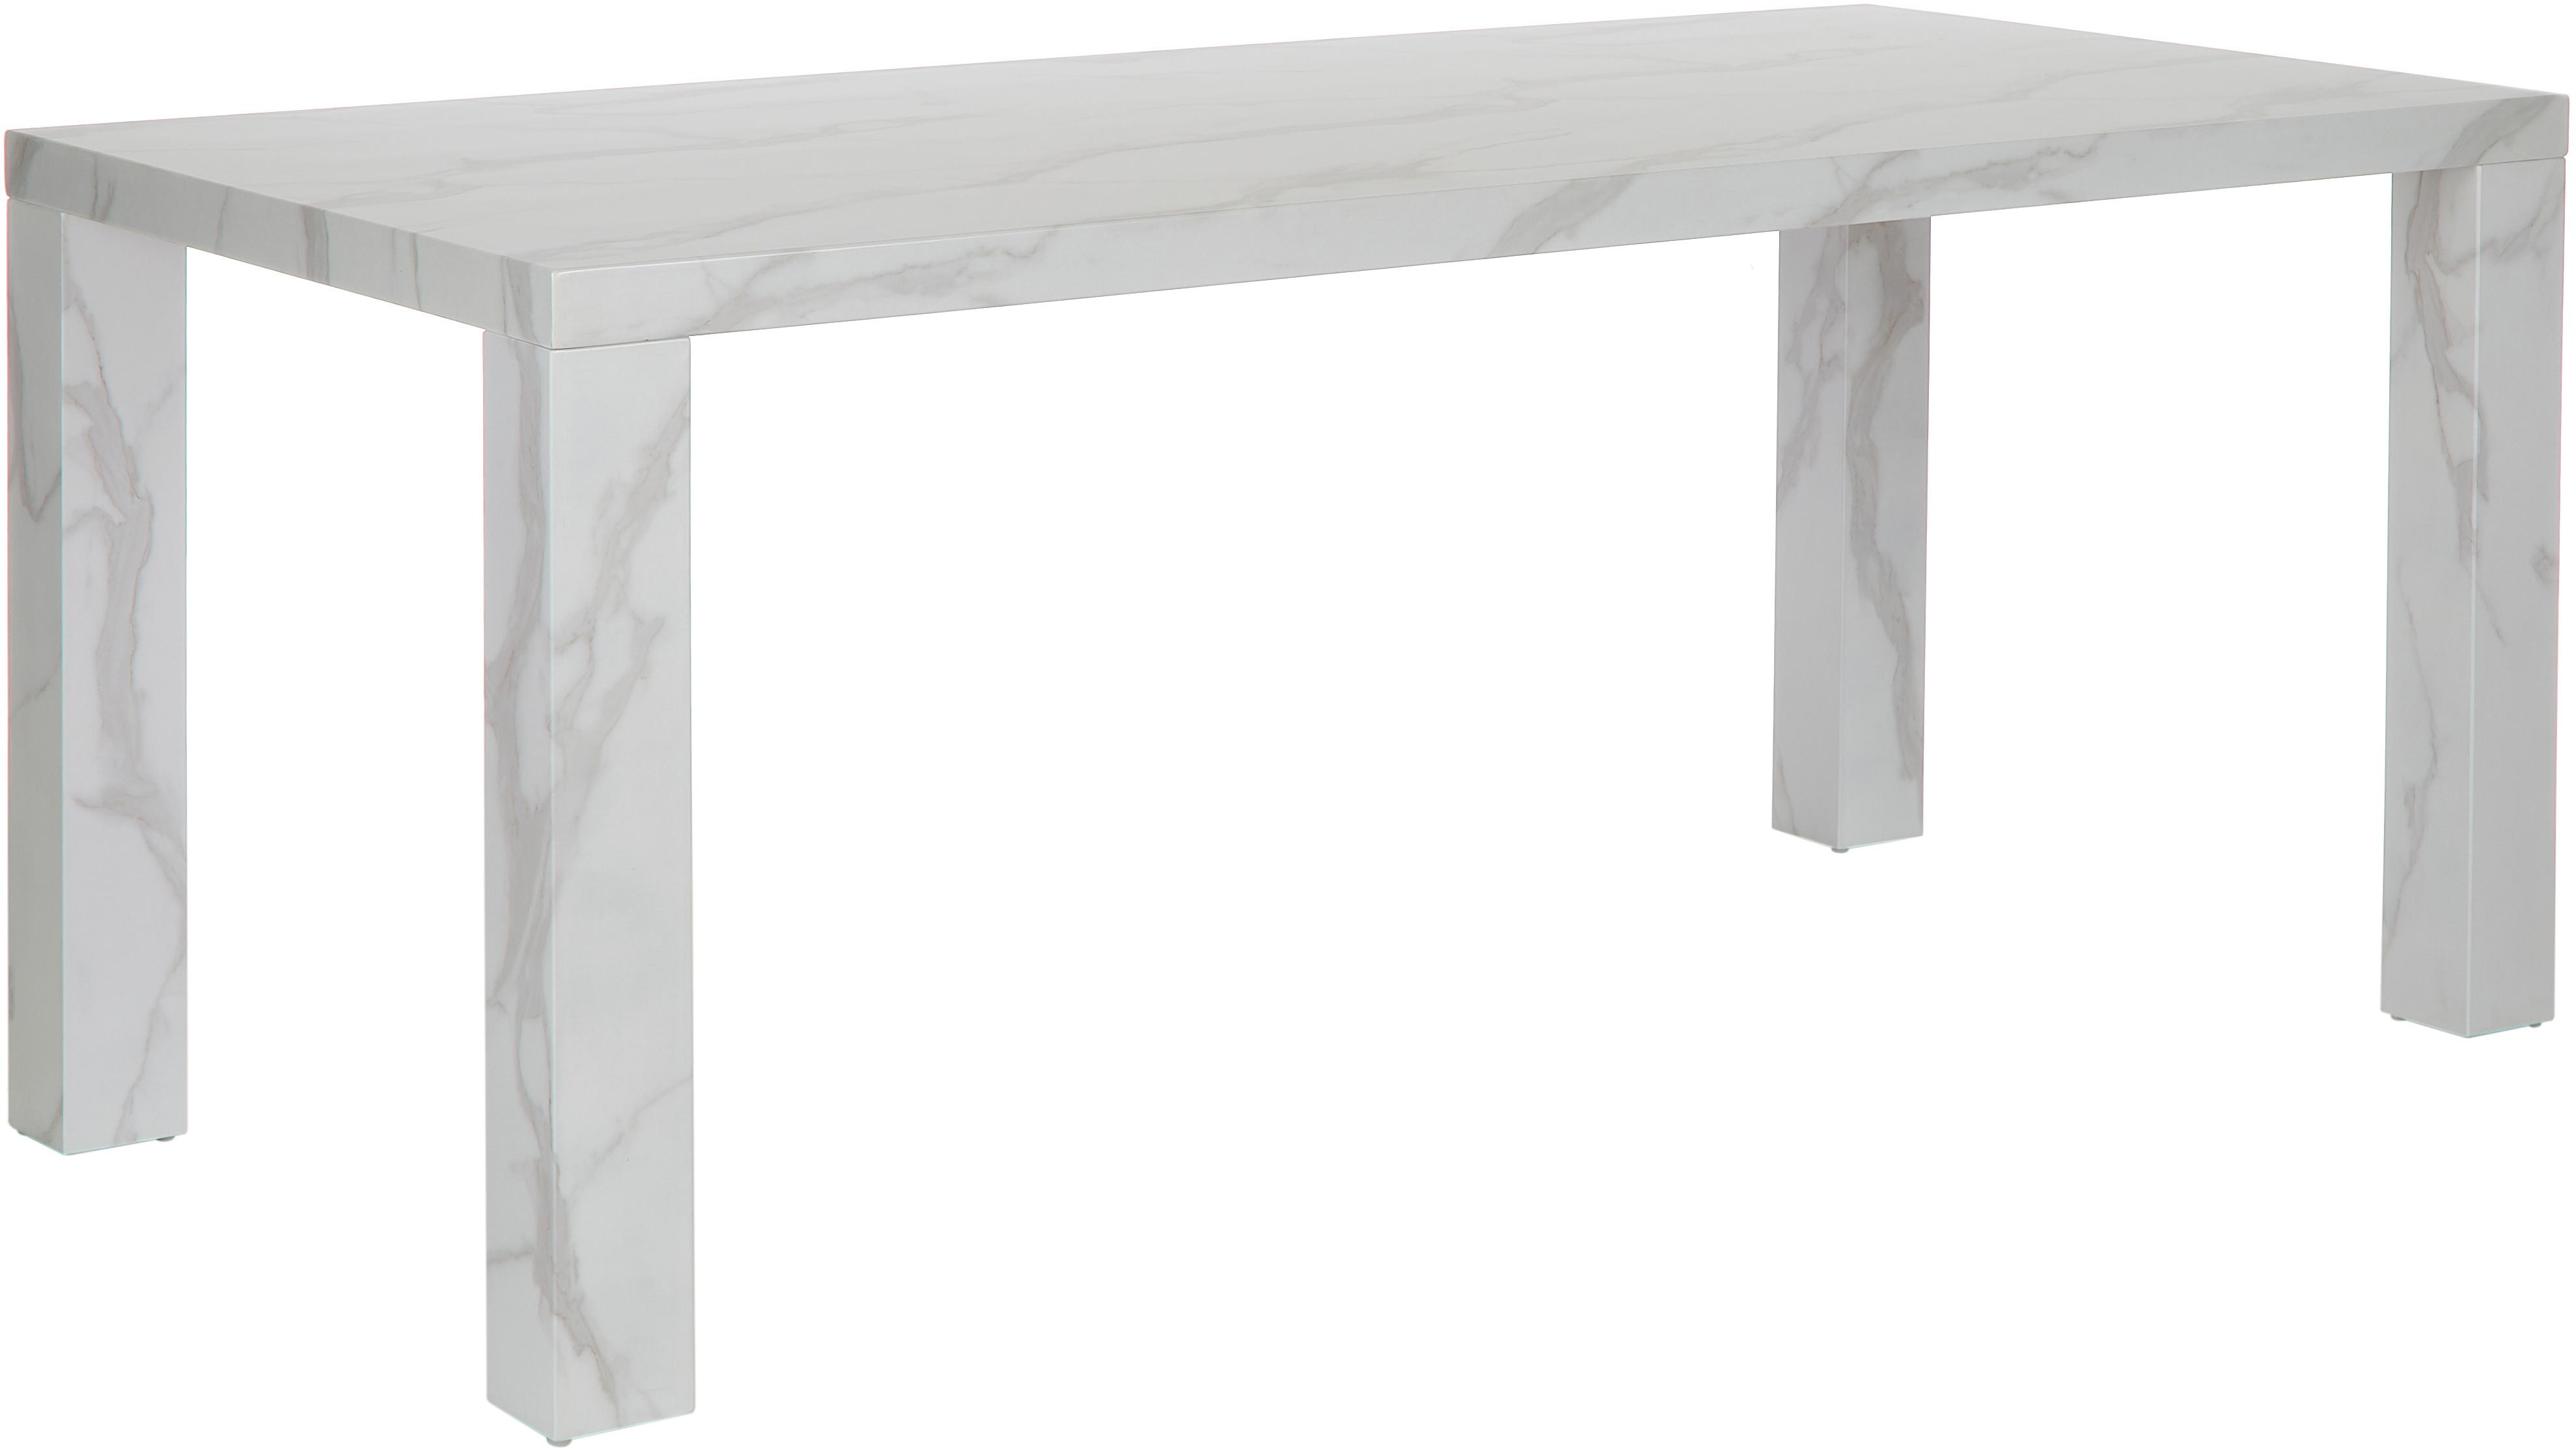 Mesa de comedor Carl, Tablero de fibras de densidad media(MDF), recubierto en melanina, Blanco veteado, brillante, An 180 x F 90 cm